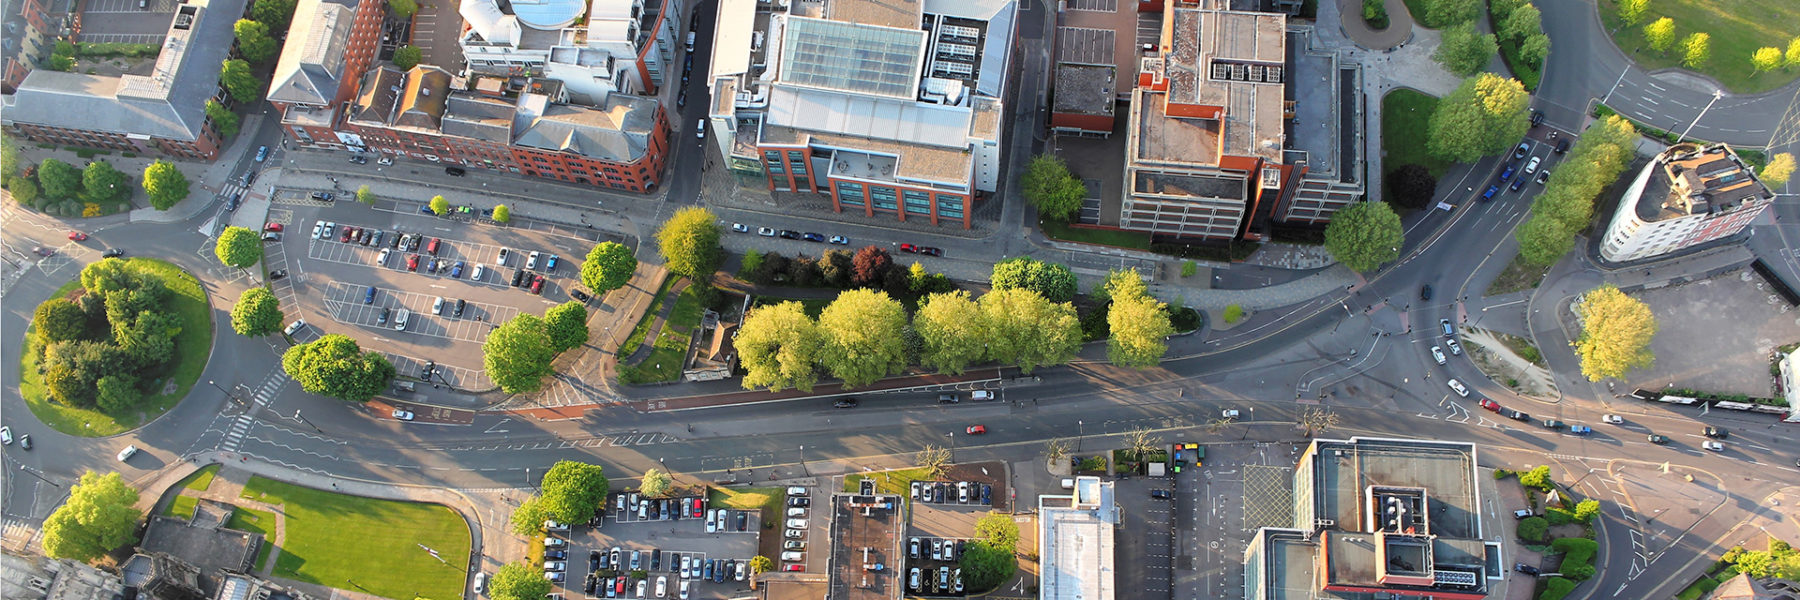 forum stadtplanung stadtkonzept